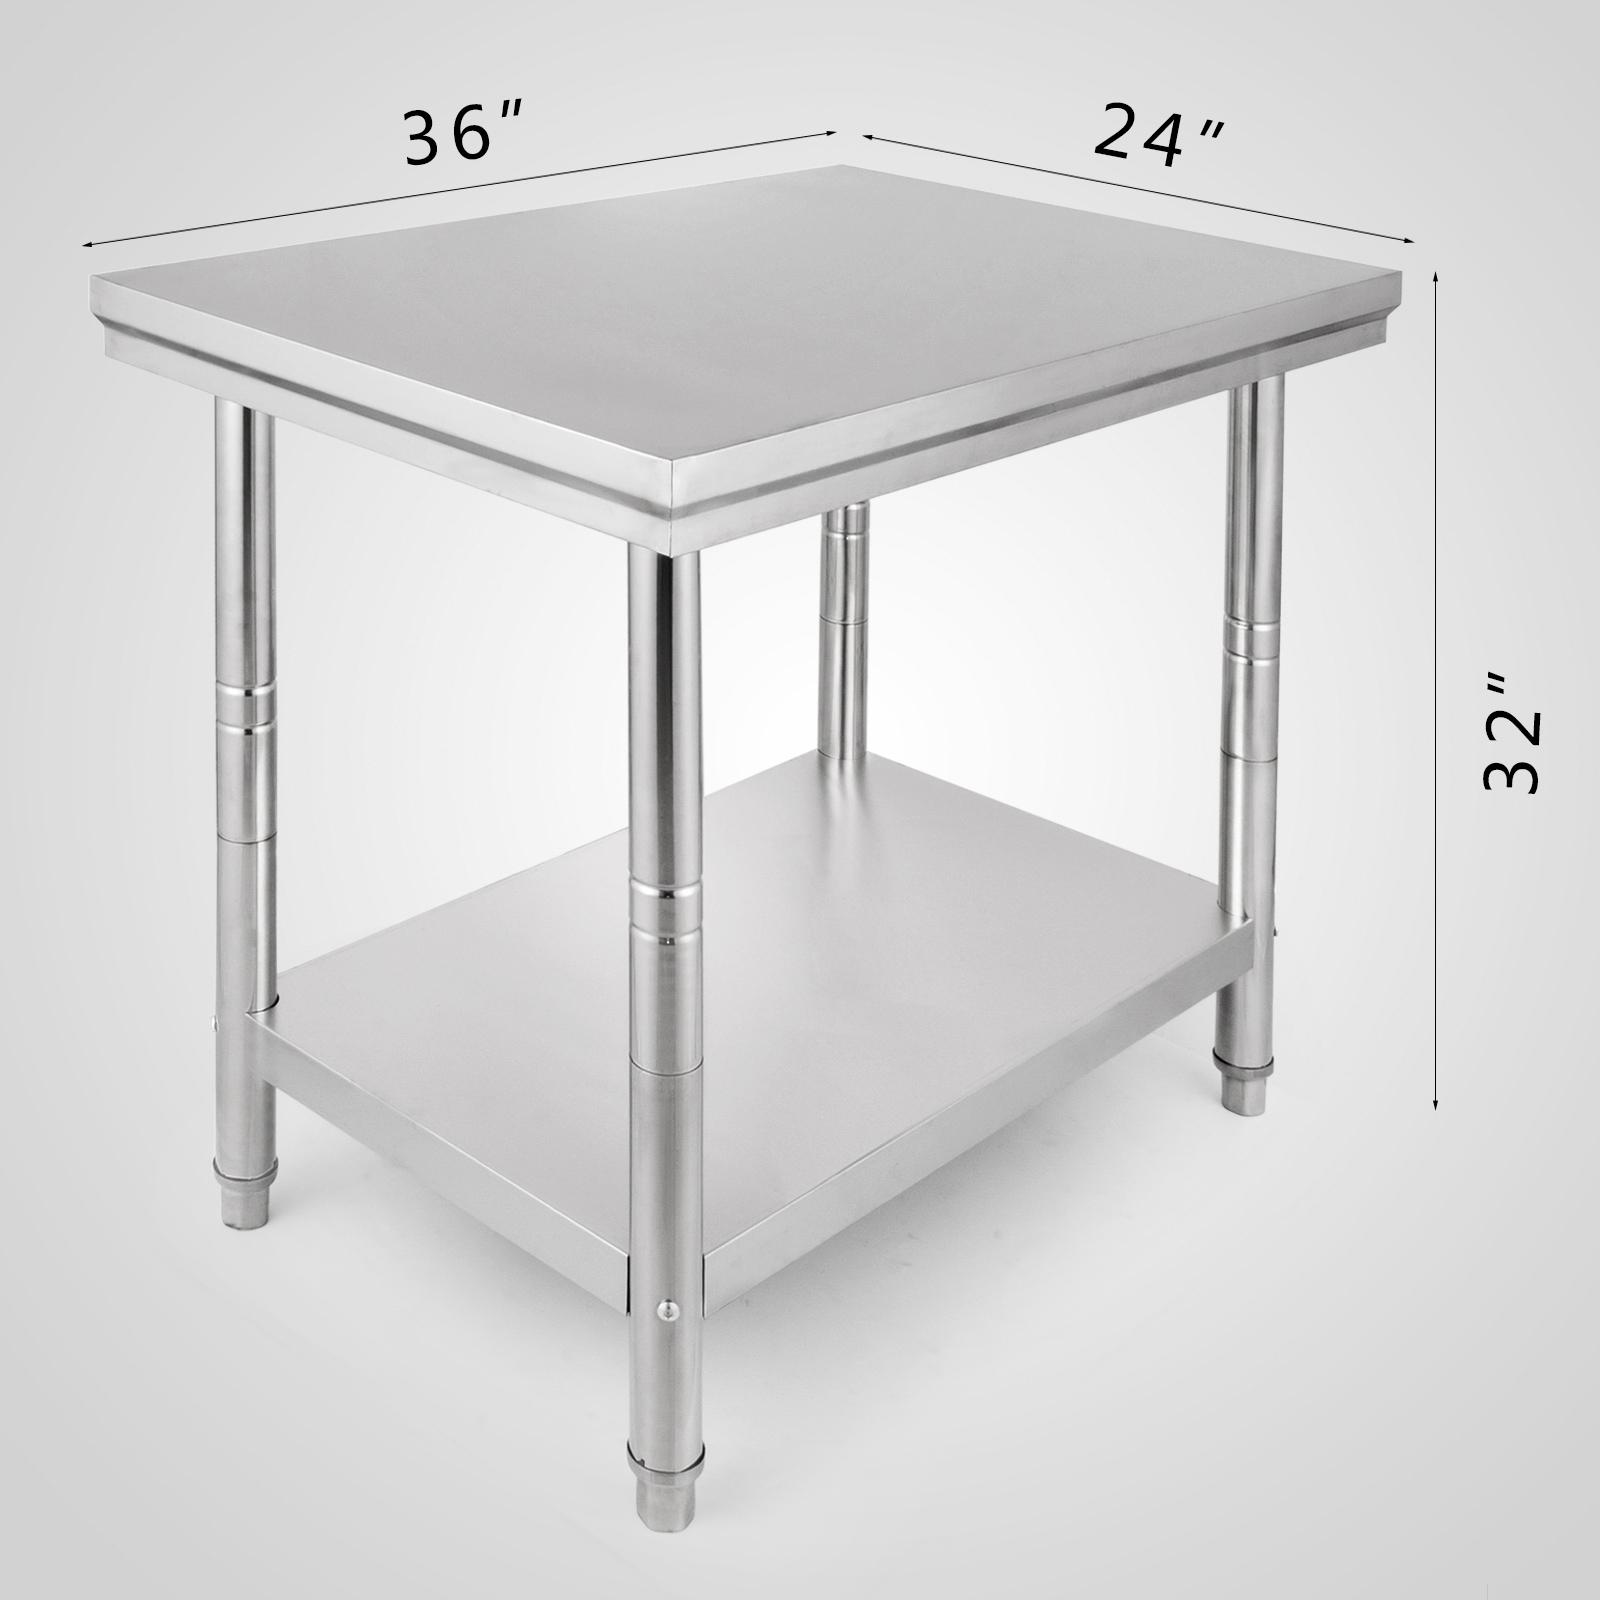 80cm hauteur table de travail inox table de cuisine pliante agent 60 90cm ebay. Black Bedroom Furniture Sets. Home Design Ideas